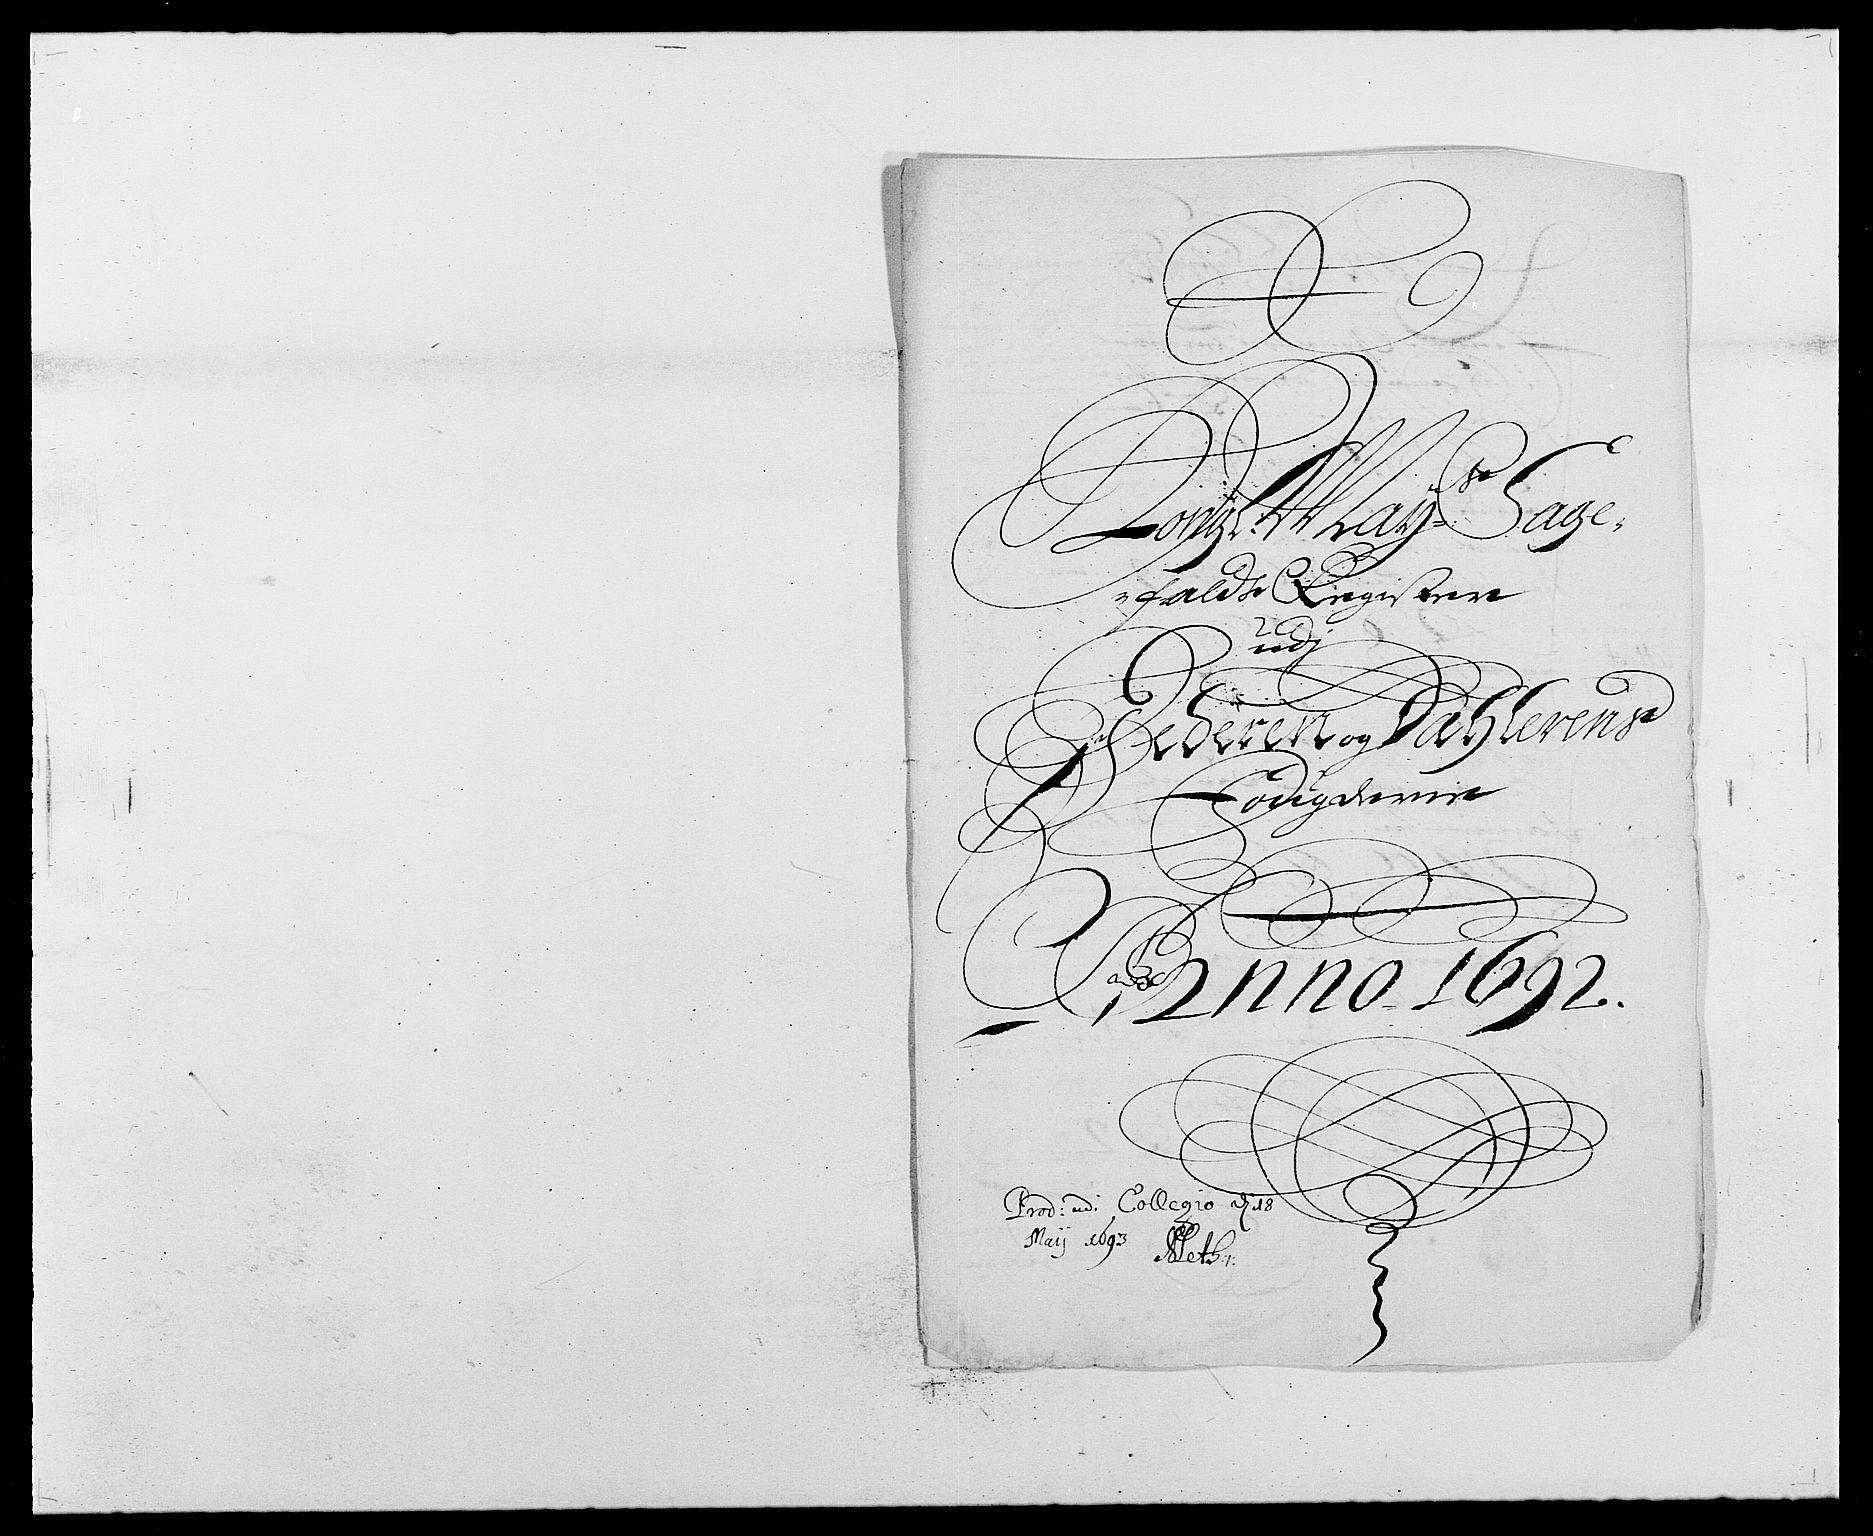 RA, Rentekammeret inntil 1814, Reviderte regnskaper, Fogderegnskap, R46/L2727: Fogderegnskap Jæren og Dalane, 1690-1693, s. 207